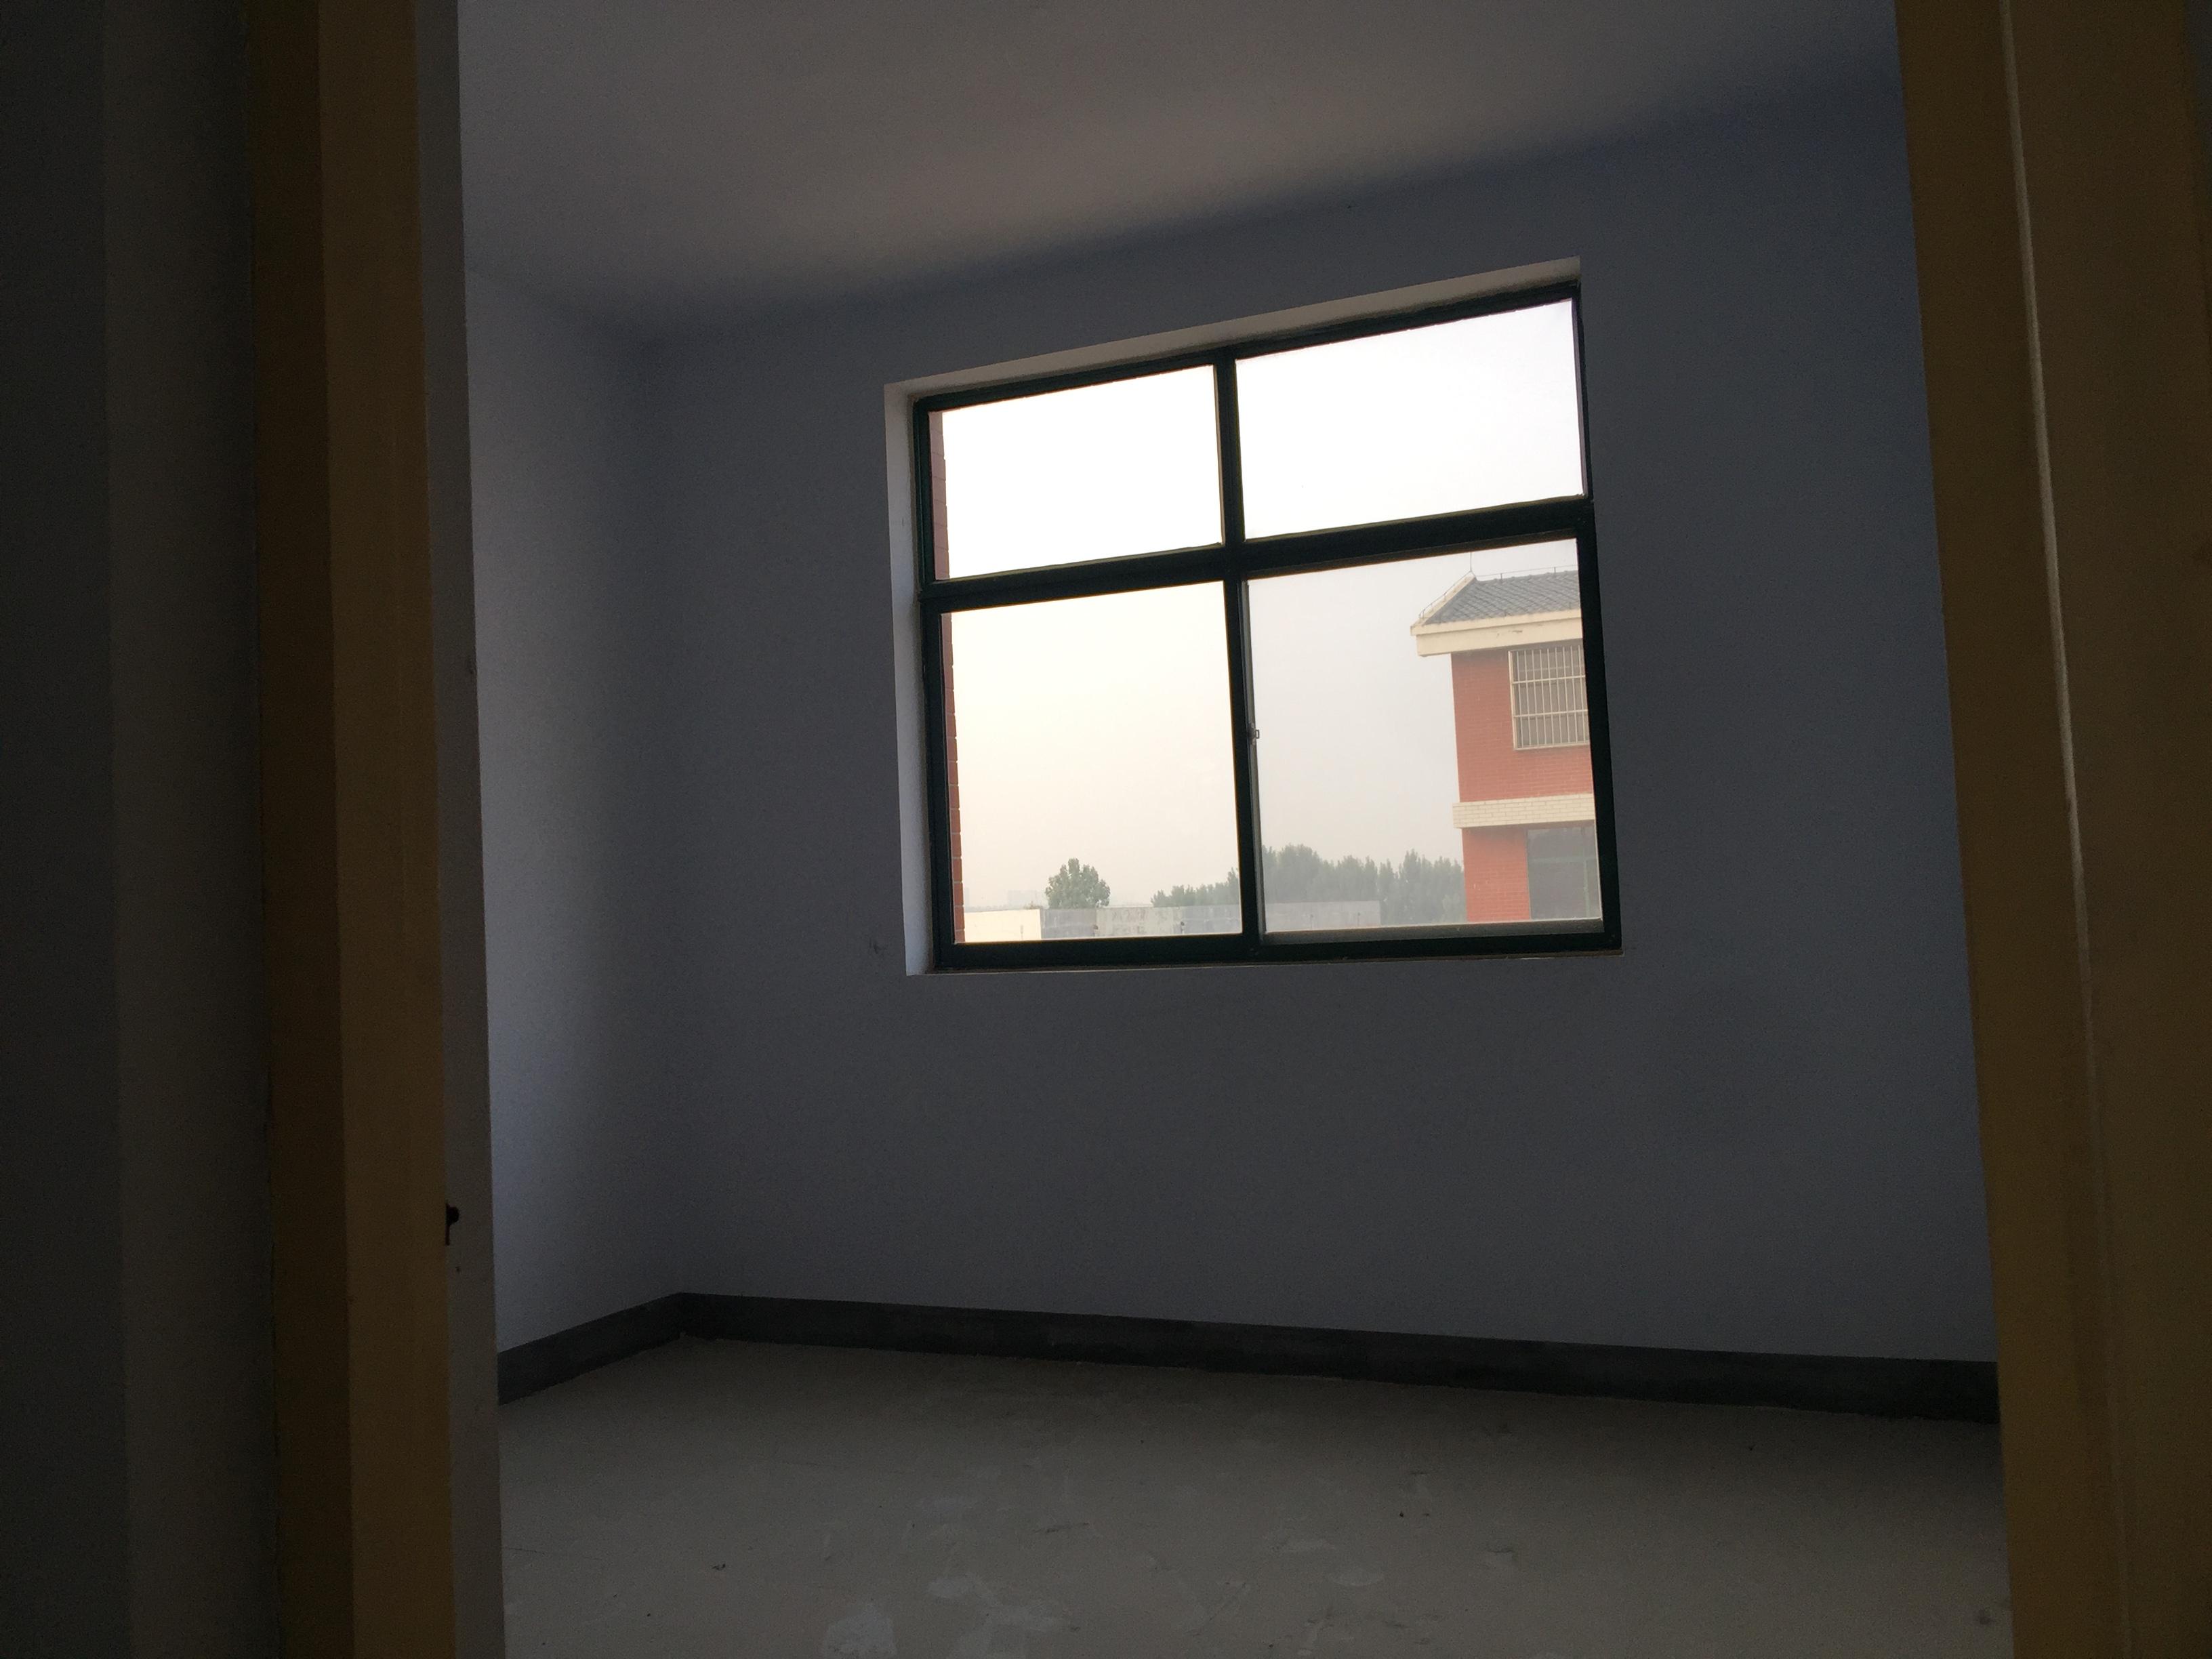 肥城二中西邻 大三居带车库 28万